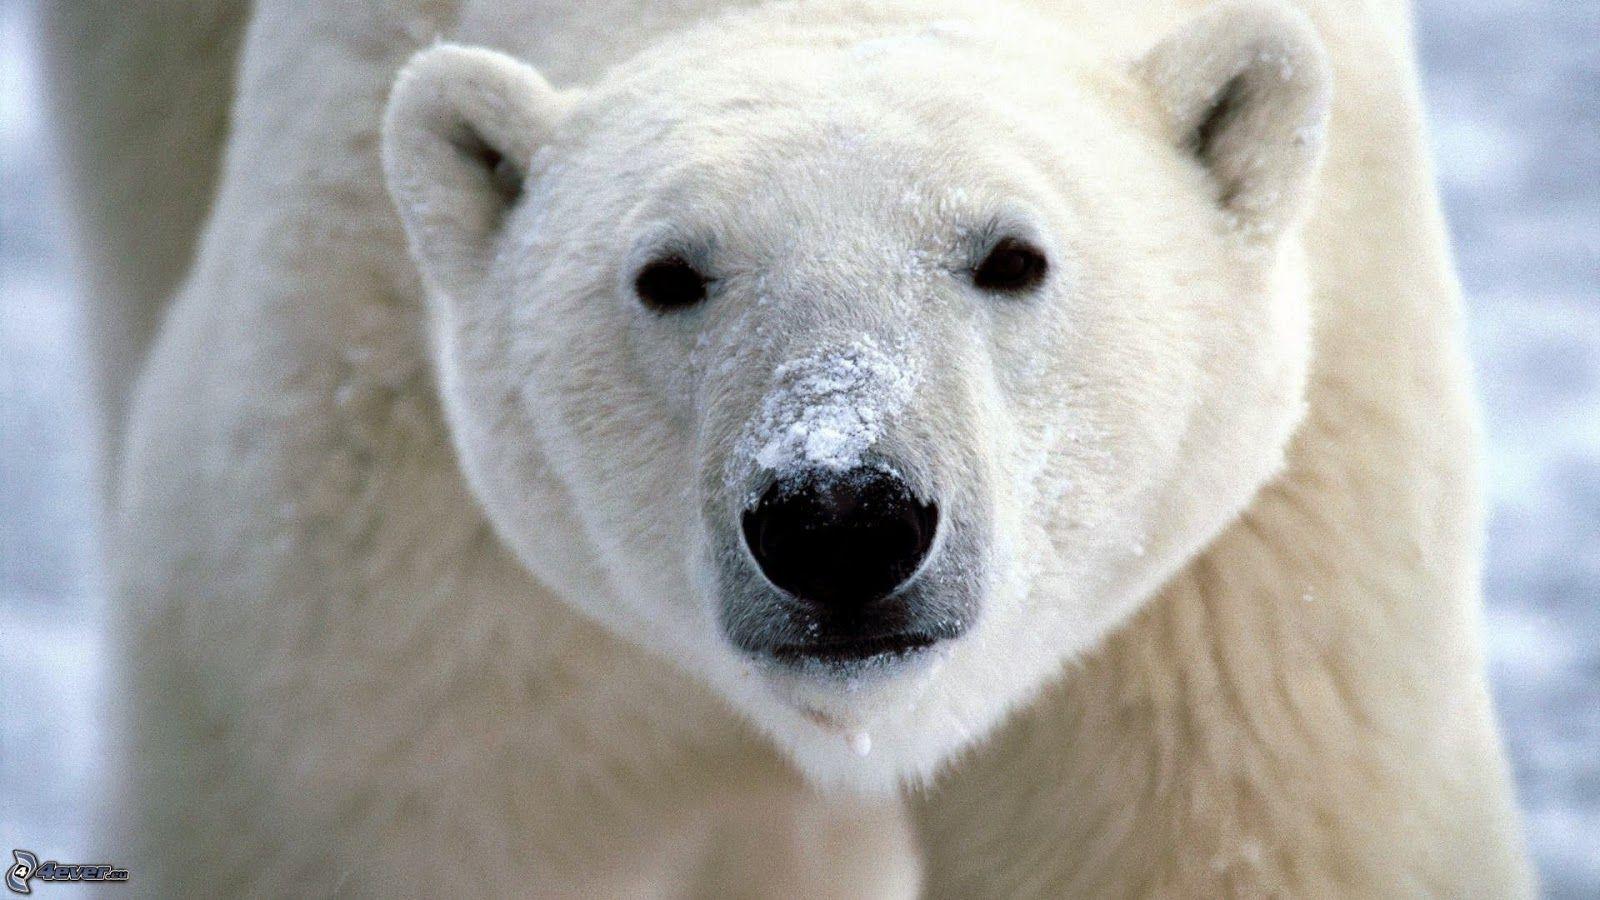 PETALI DI CILIEGIO ...per coltivare la speranza: In difesa degli animali: gli orsi polari